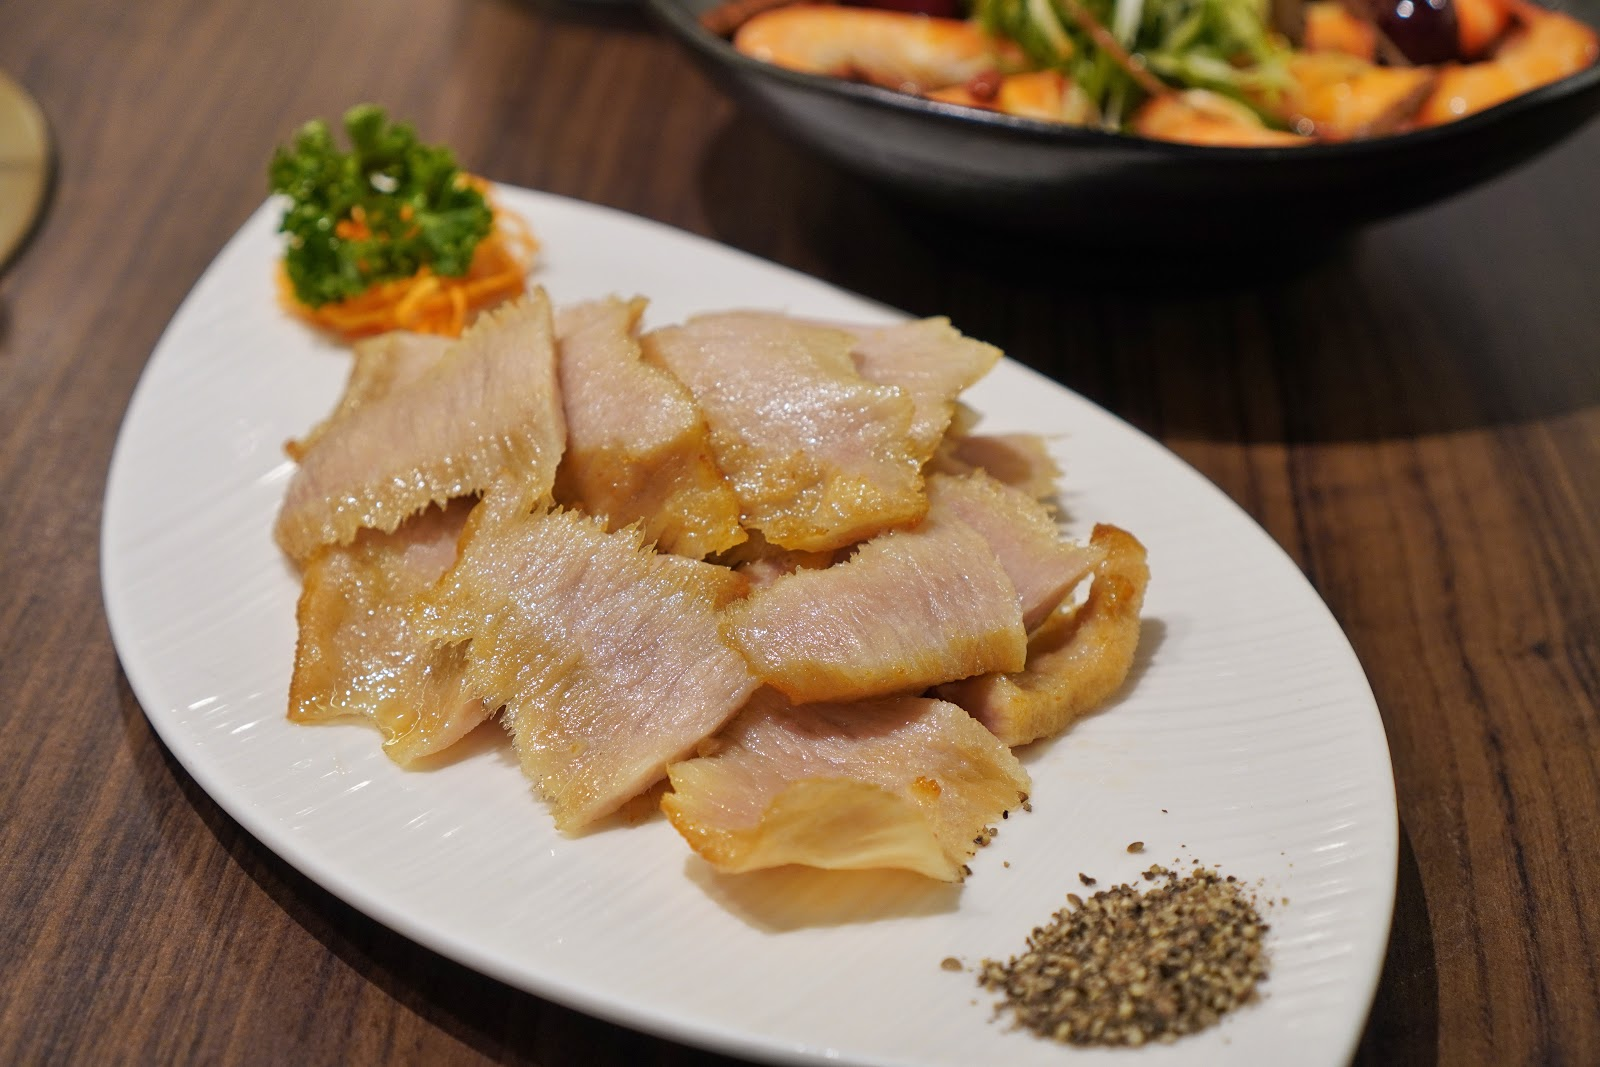 台南東區美食【廚房有雞花雕雞】椒鹽松阪豬